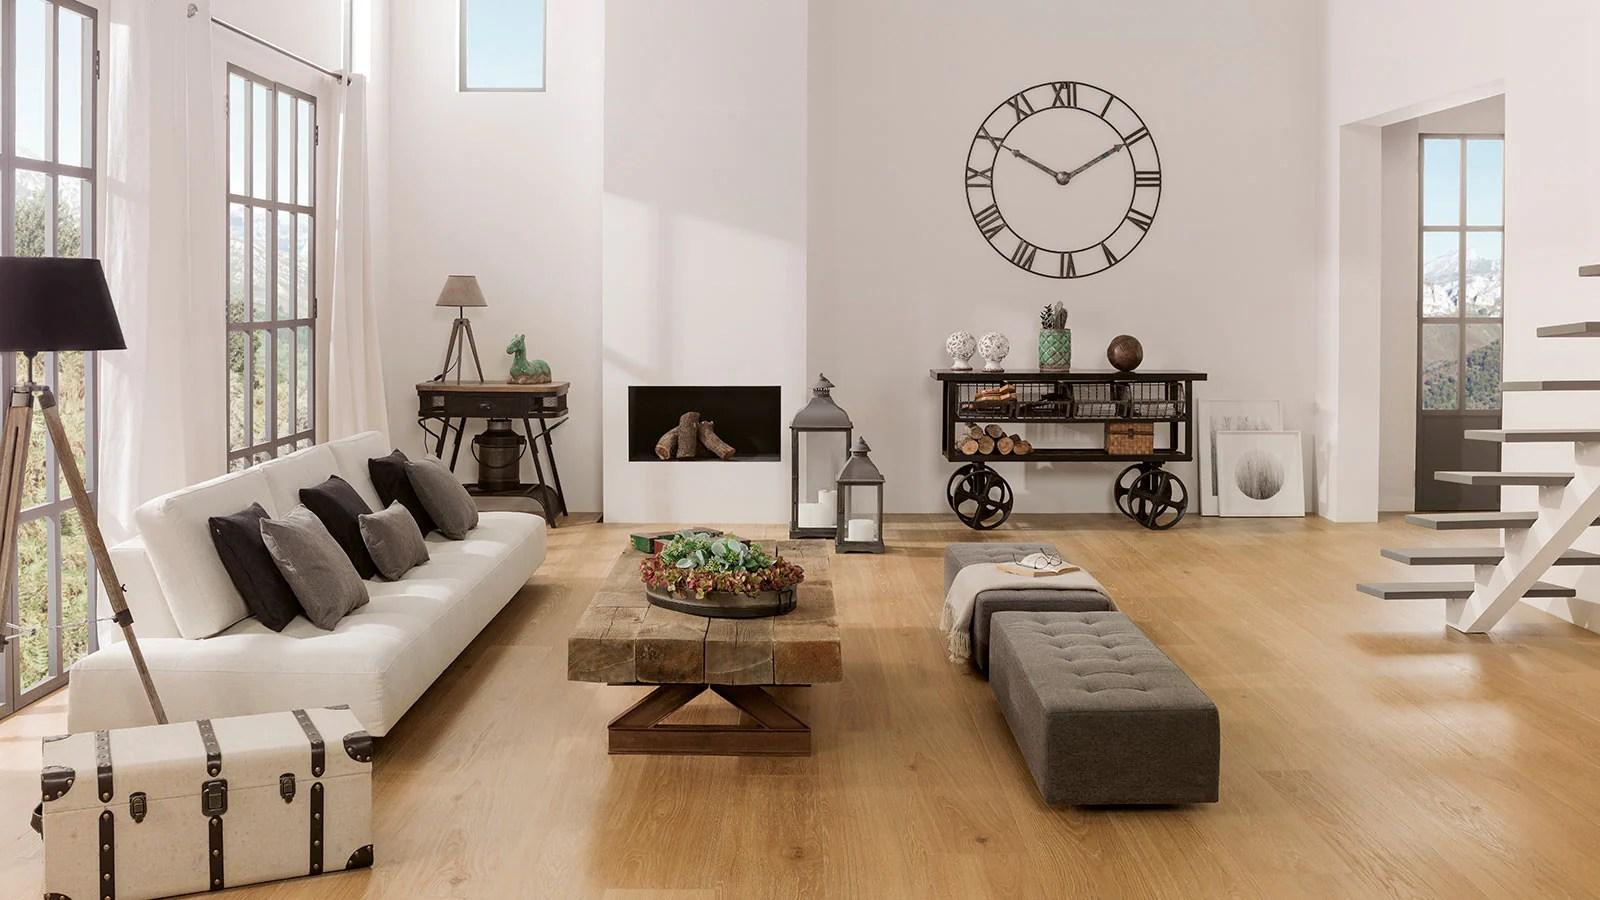 Per personalizzare la casa e renderla più intima, può essere utile sapere come disporre i tappeti. 5 Idee Per Decorare Una Parete Bianca In Modo Originale Porcelanosa Trendbook